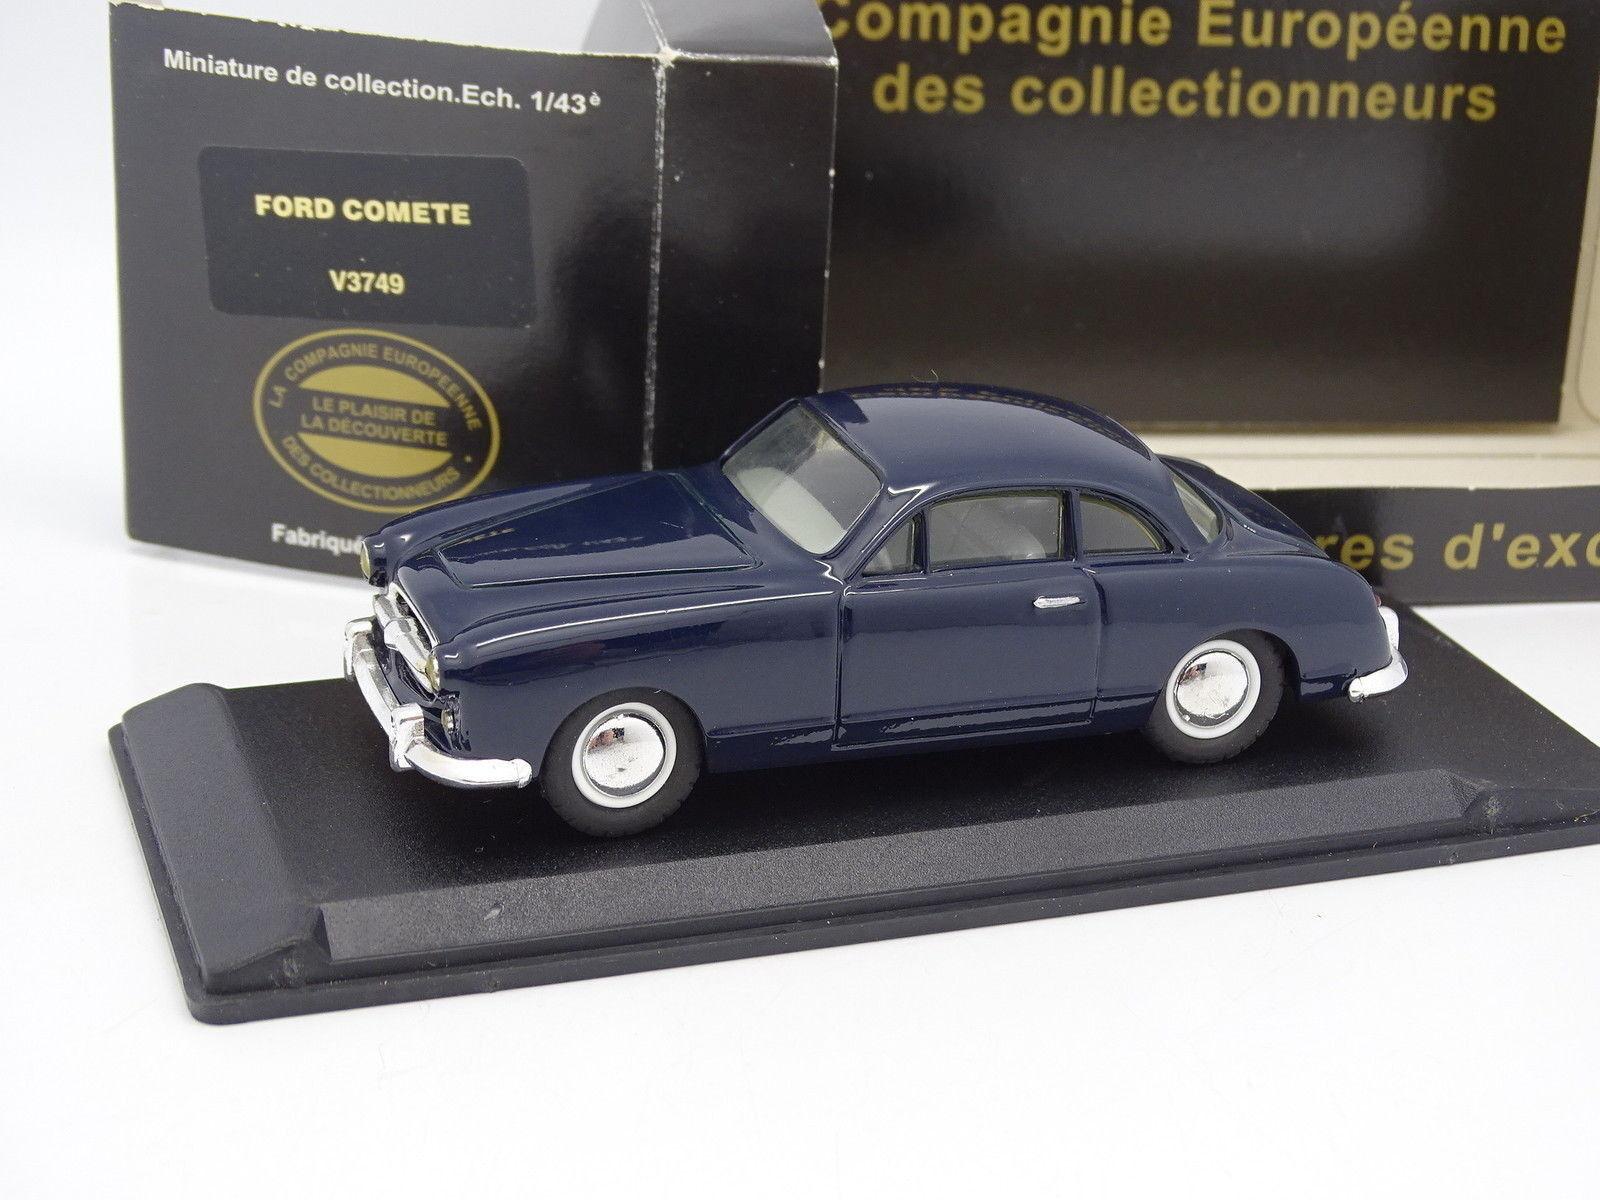 Leader Résine CEC 1 43 - Ford Comete Bleue